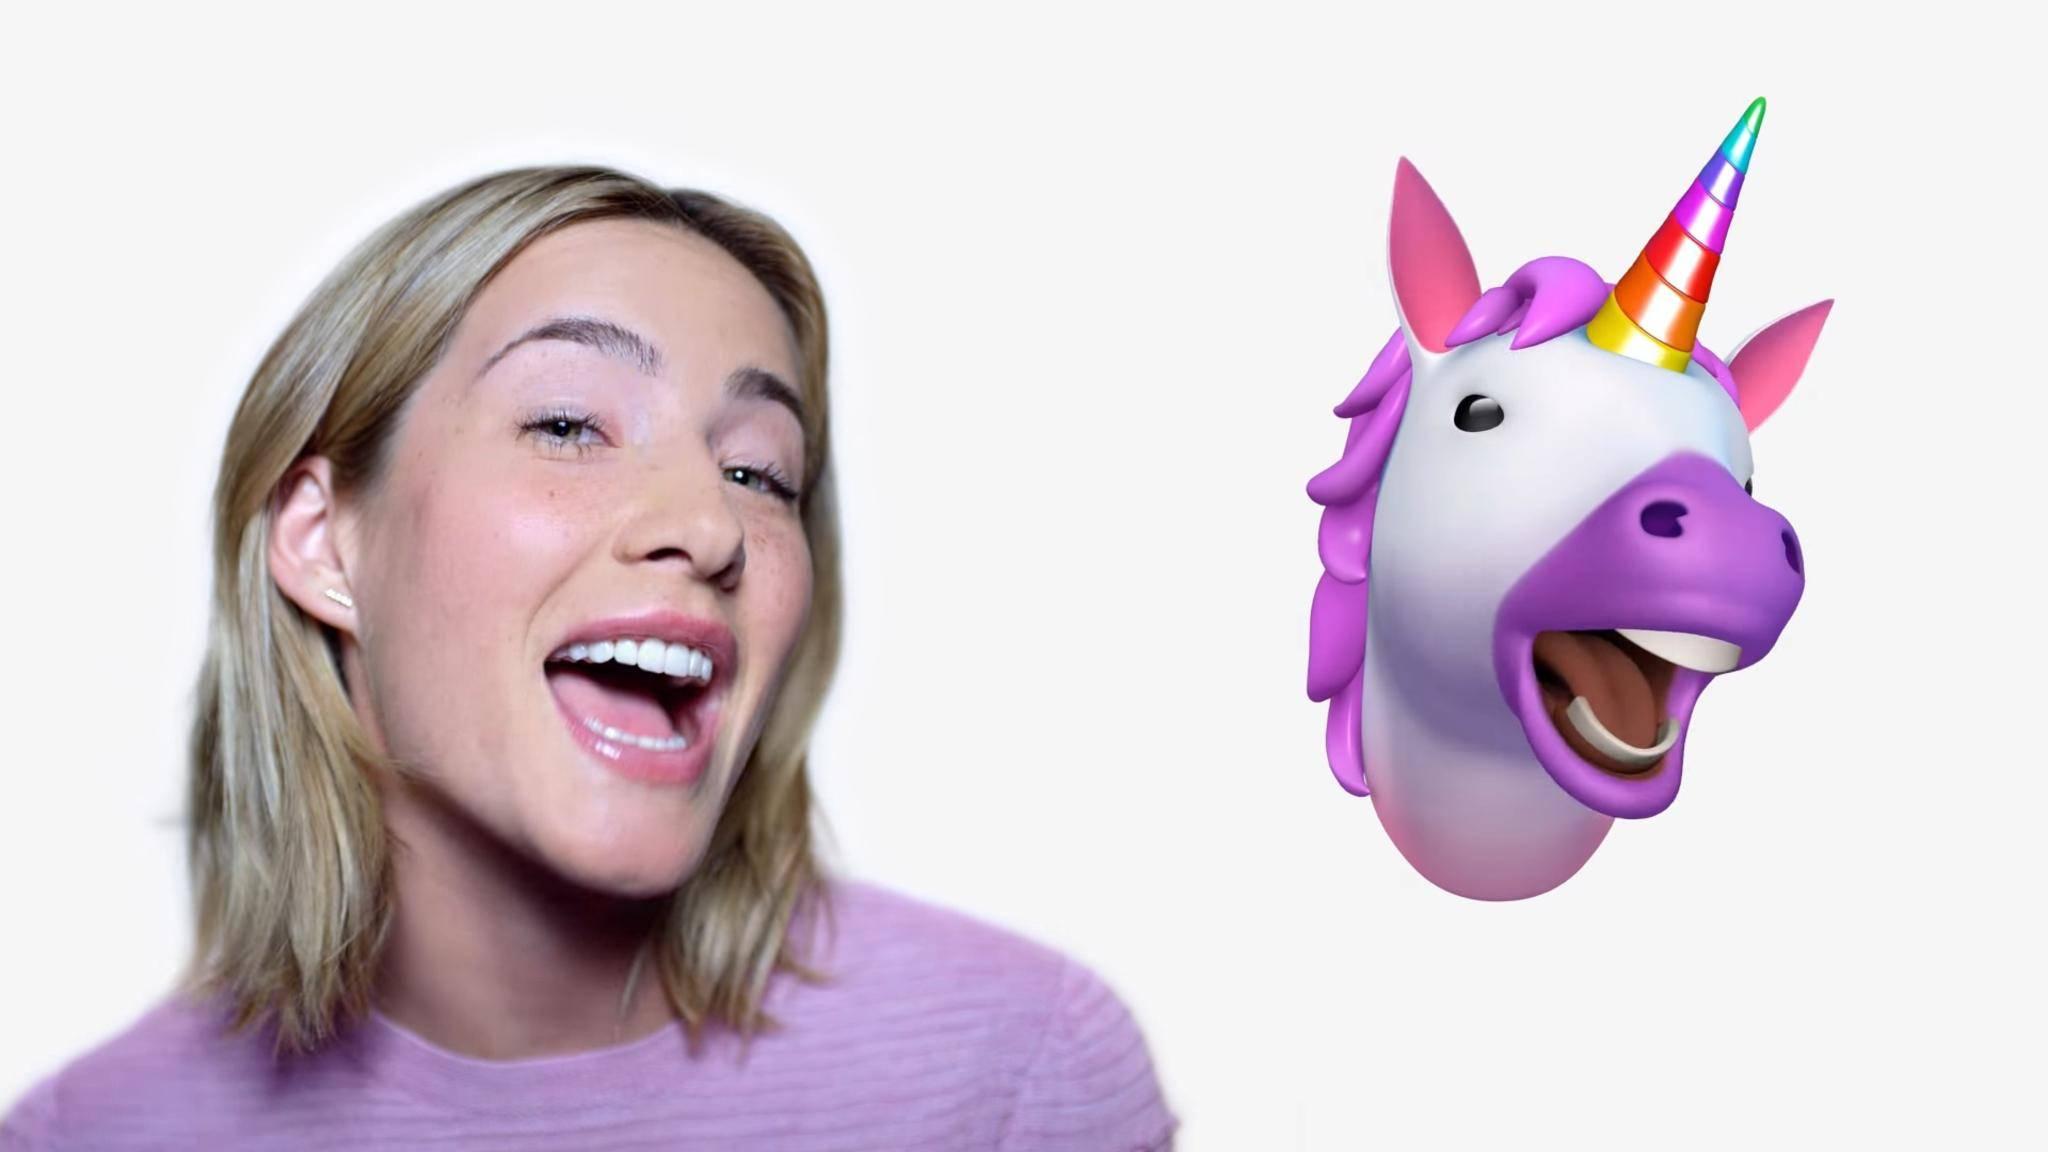 Ob wirklich vor allem erwachsene Frauen mit Animojis spielen, wie in der Apple-Werbung?